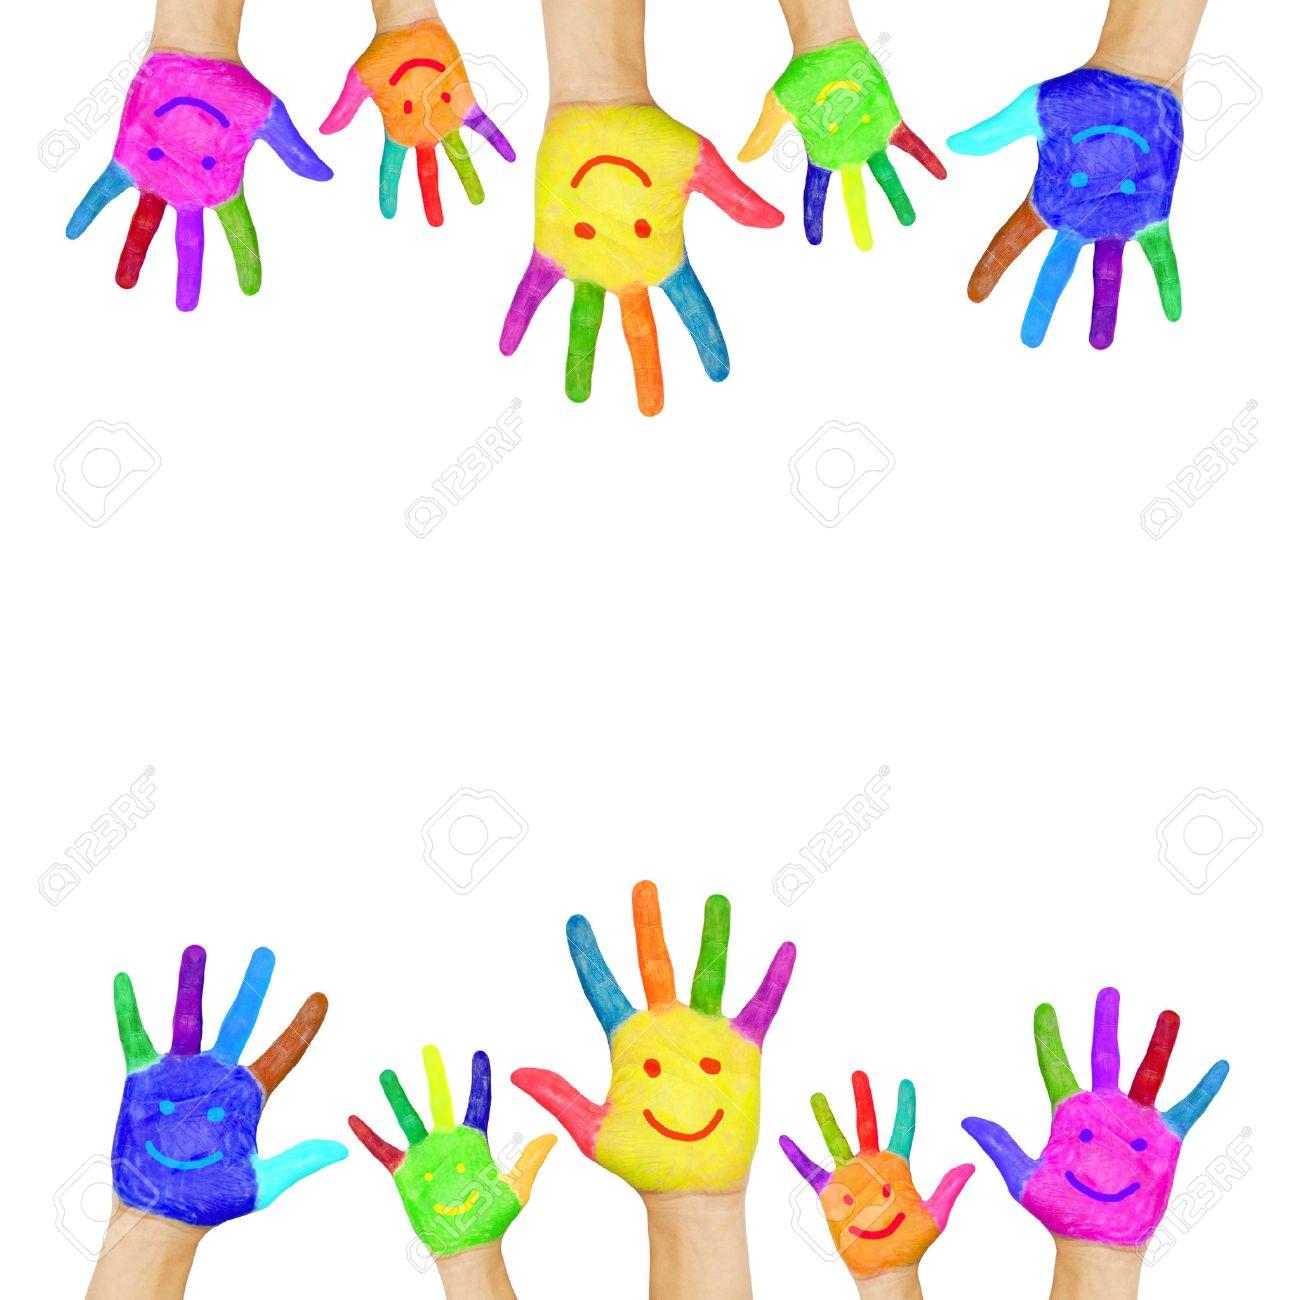 Marco De Las Manos De Colores Pintados Con Caras Sonrientes ...